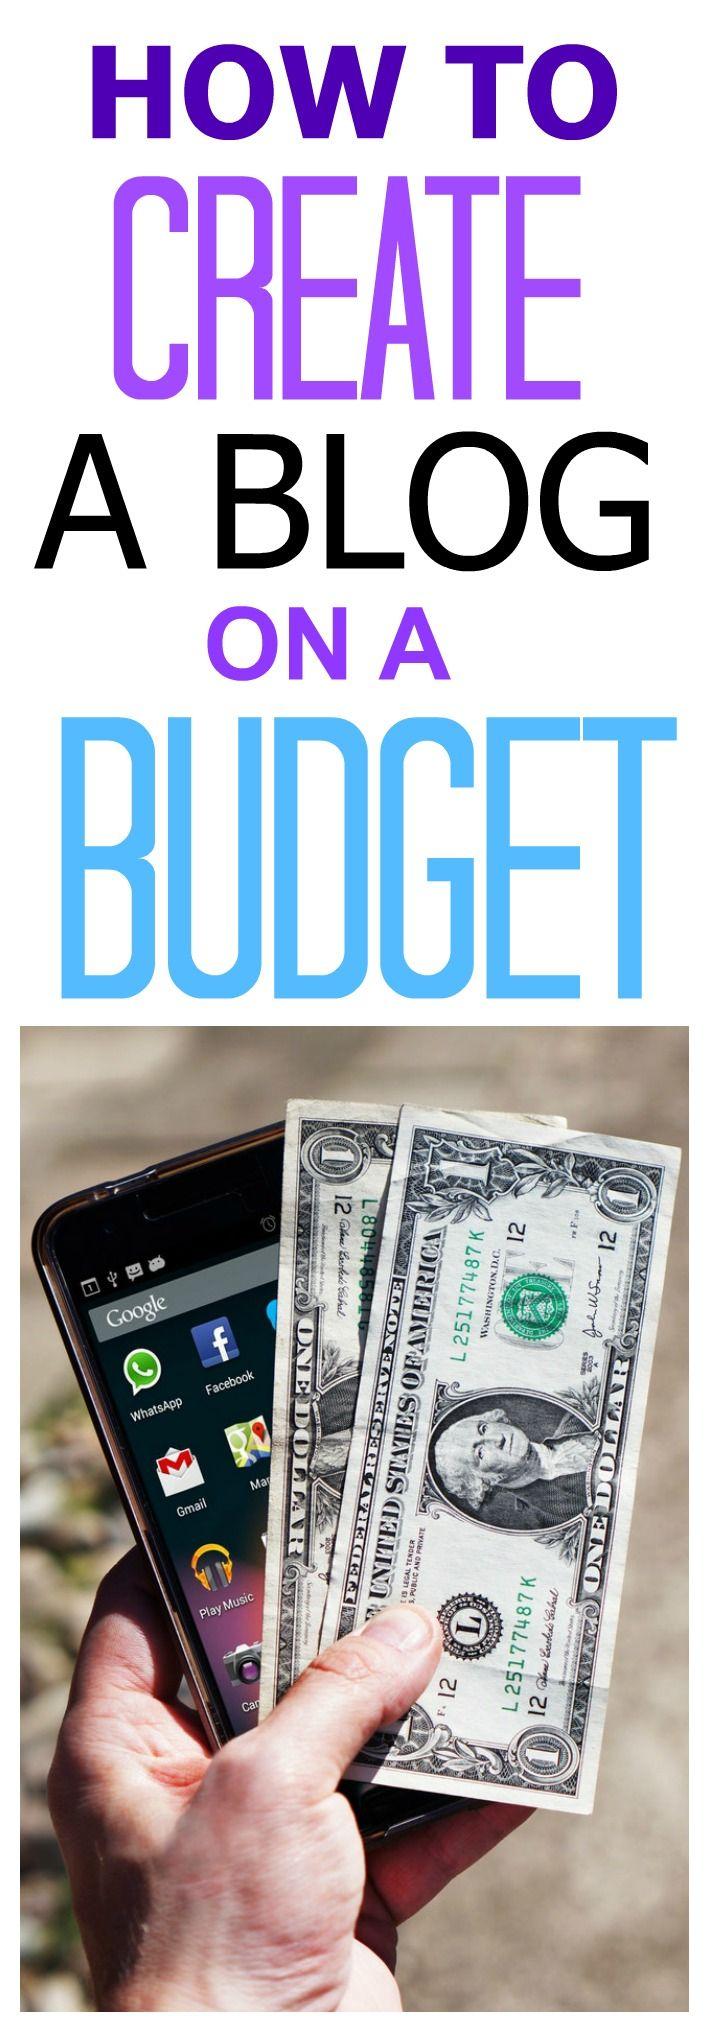 Erstellen Sie einen Blog, damit Sie jetzt Geld verdienen können. Schritt für Schritt Anleitung zum Erstellen …   – Save Money, Make Money, Live Better